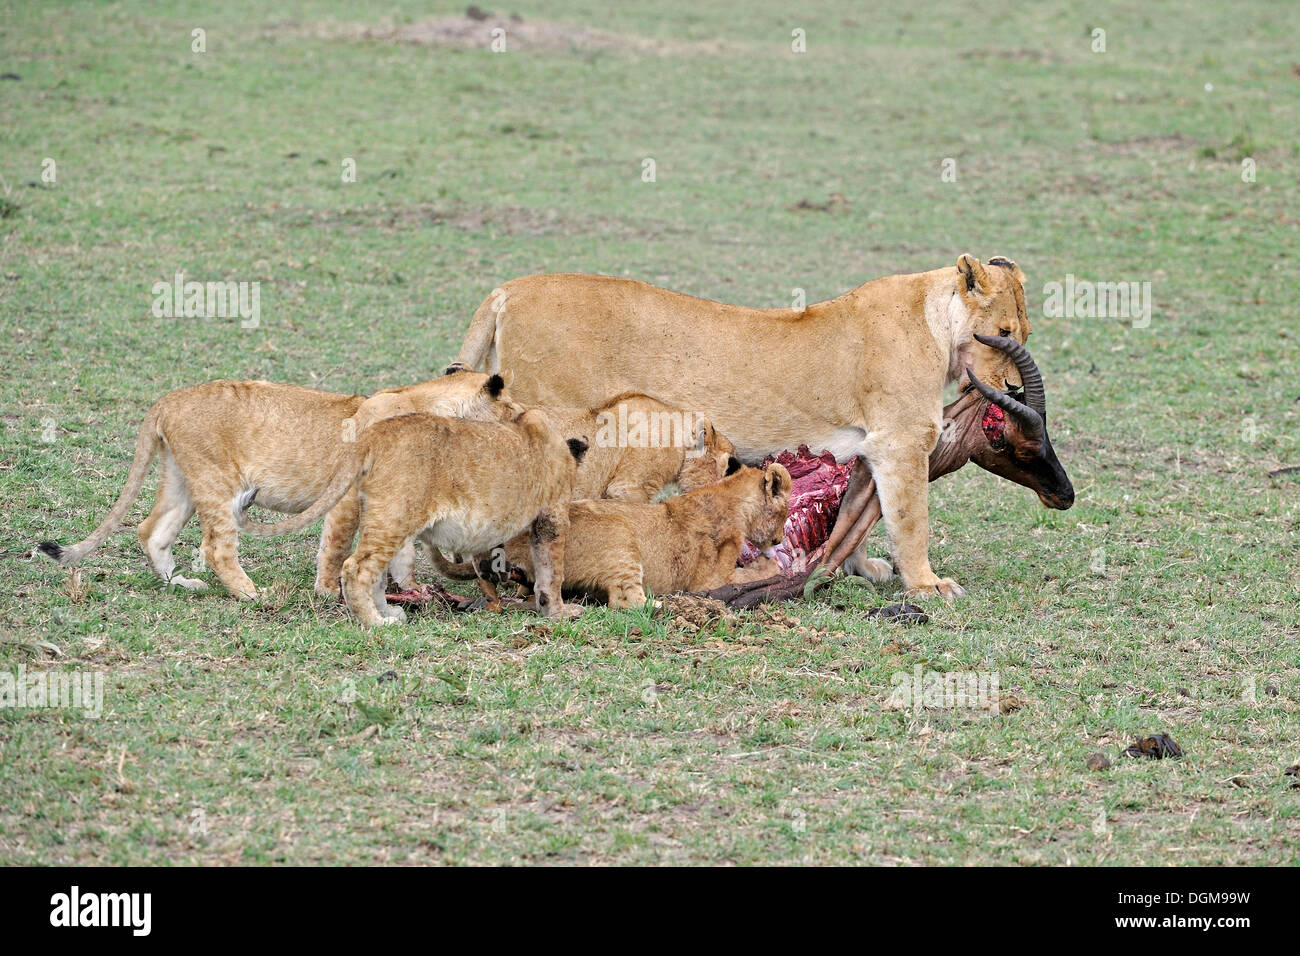 Lion (Panthera leo), lion family feeding on a killed Topi (Damaliscus lunatus), Masai Mara, Kenya, East Africa, Africa - Stock Image